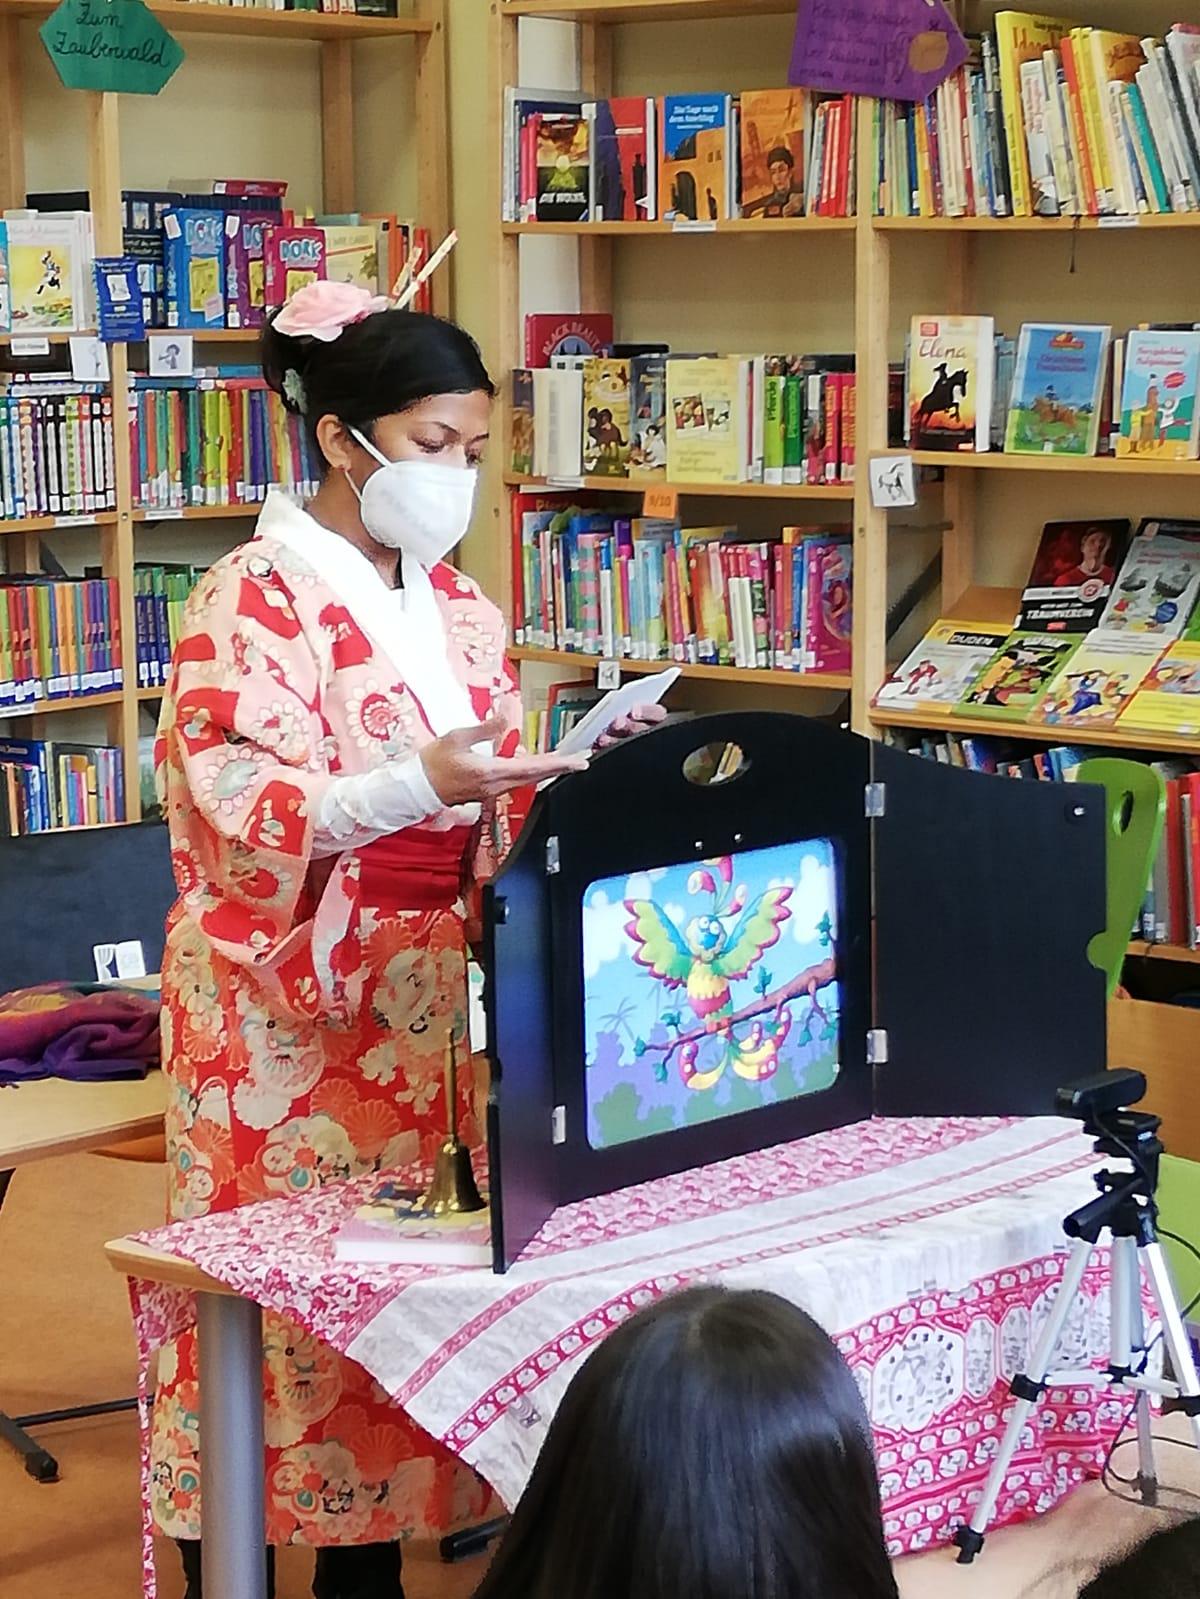 Welttag des Buches in der Bibliothek